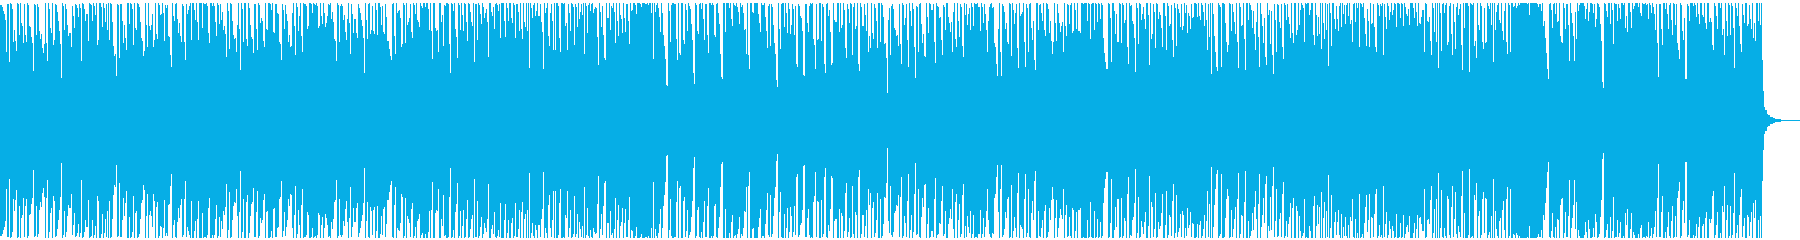 アコースティックでノスタルジックな曲の再生済みの波形